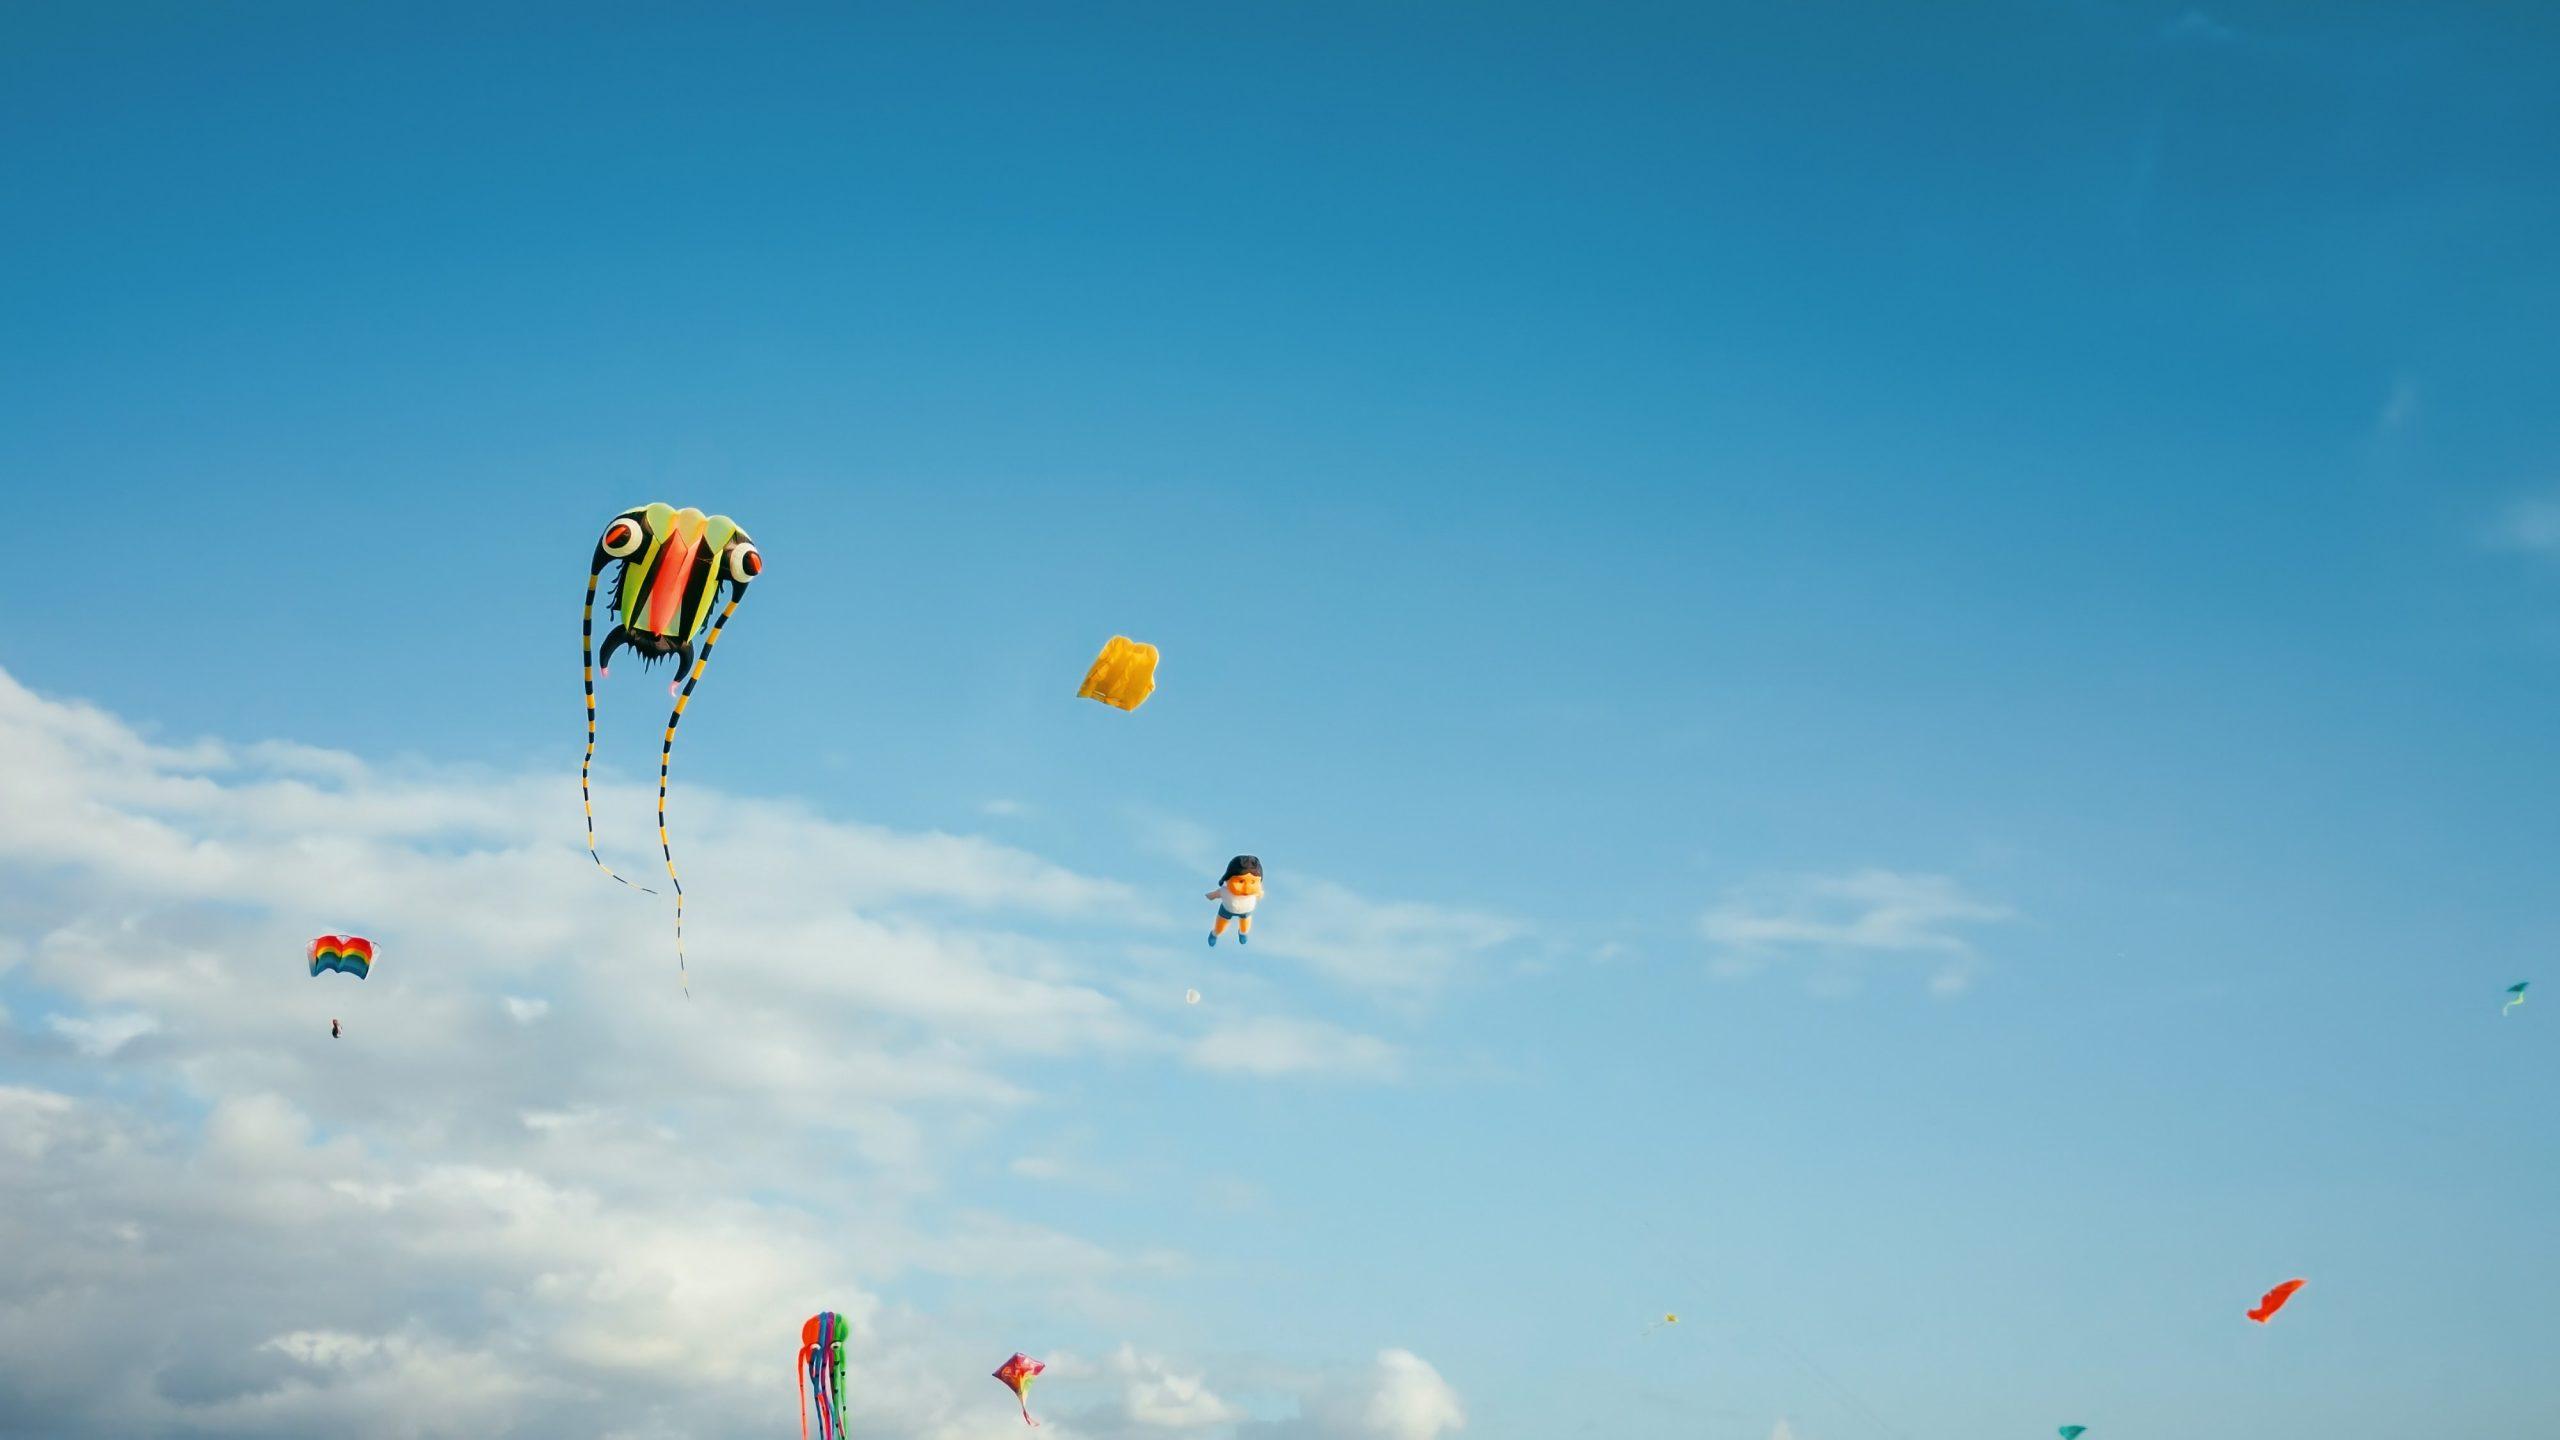 In Grecia, questo è un giorno ricco di cose da fare e si fanno volare gli aquiloni.